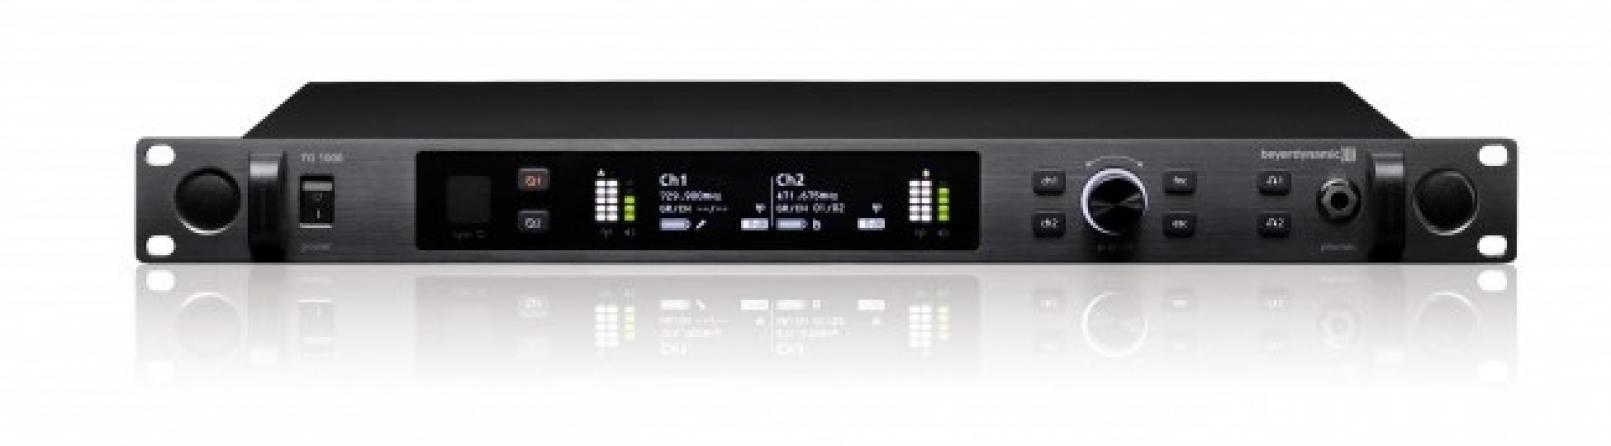 Ricevitore doppio UHF Beyerdynamic TG 1000DR banda 470-789 MHz